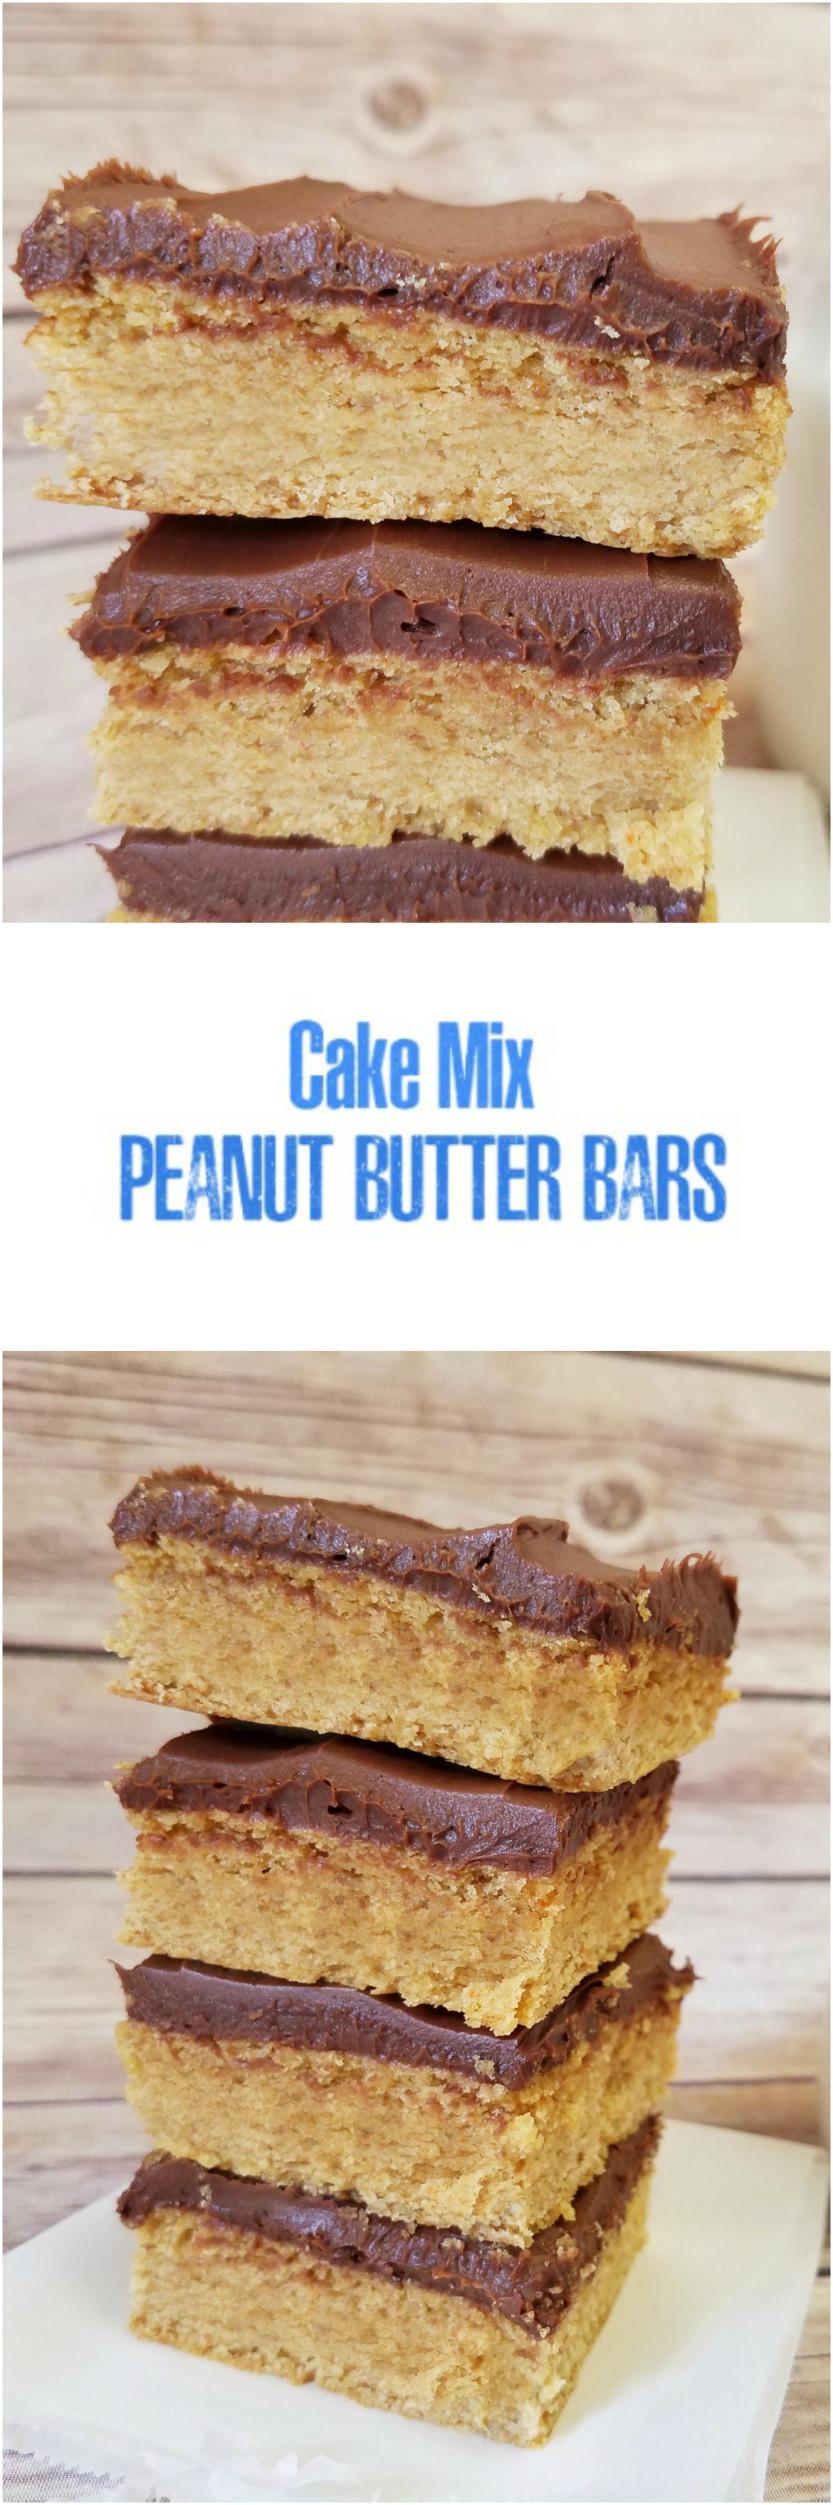 Cake mix peanut butter bars peanut butter bars butter